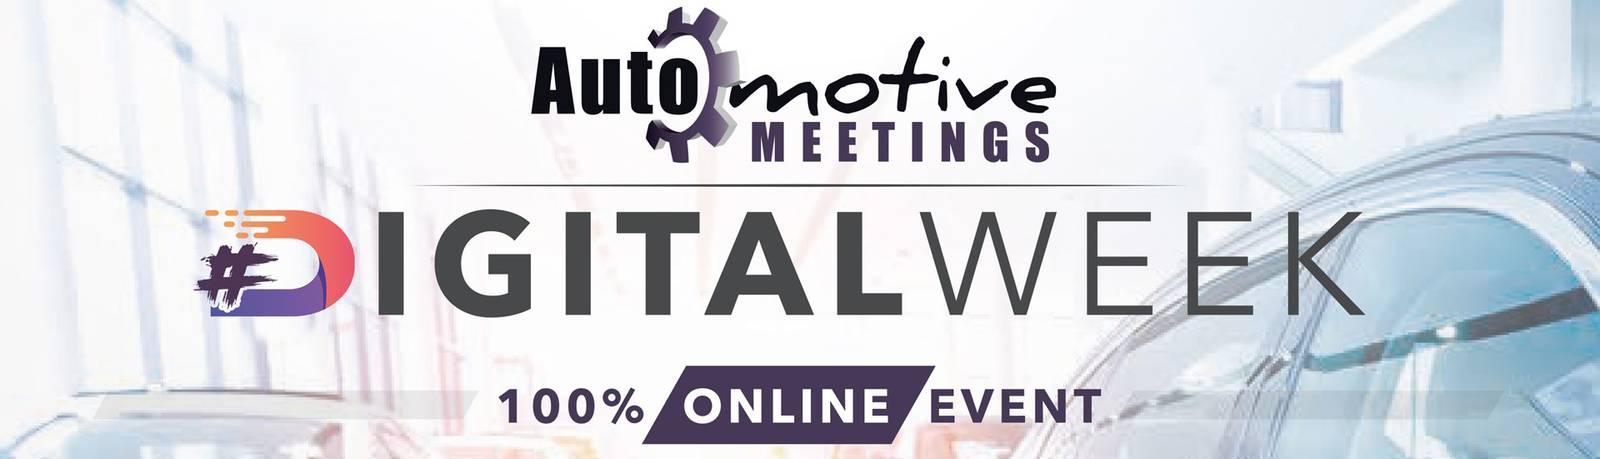 Aplicación de automoción en los Digitalen Automotive Meetings 2021 Cabecera del logotipo de la feria